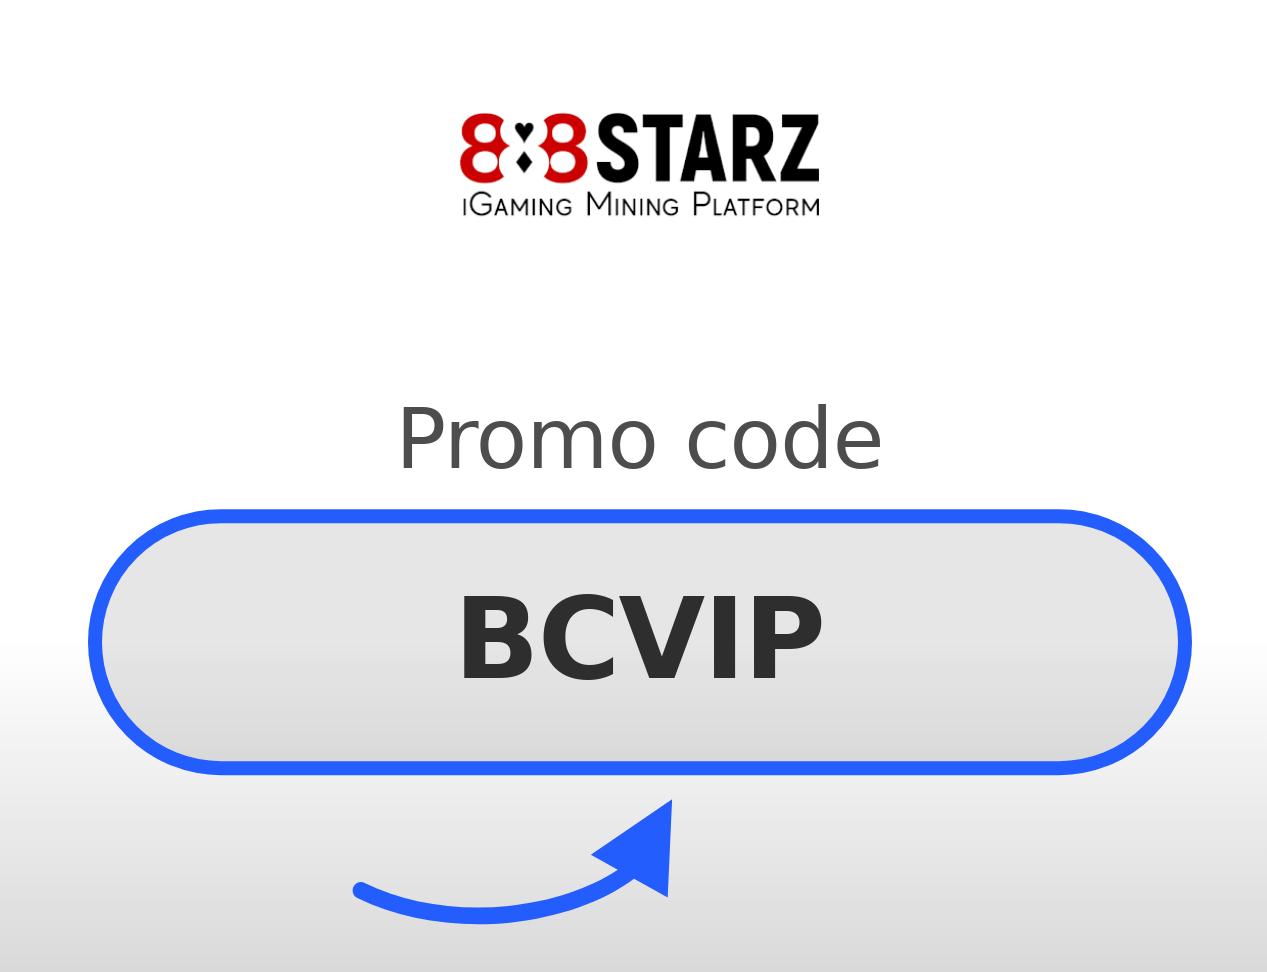 888starz Promo Code